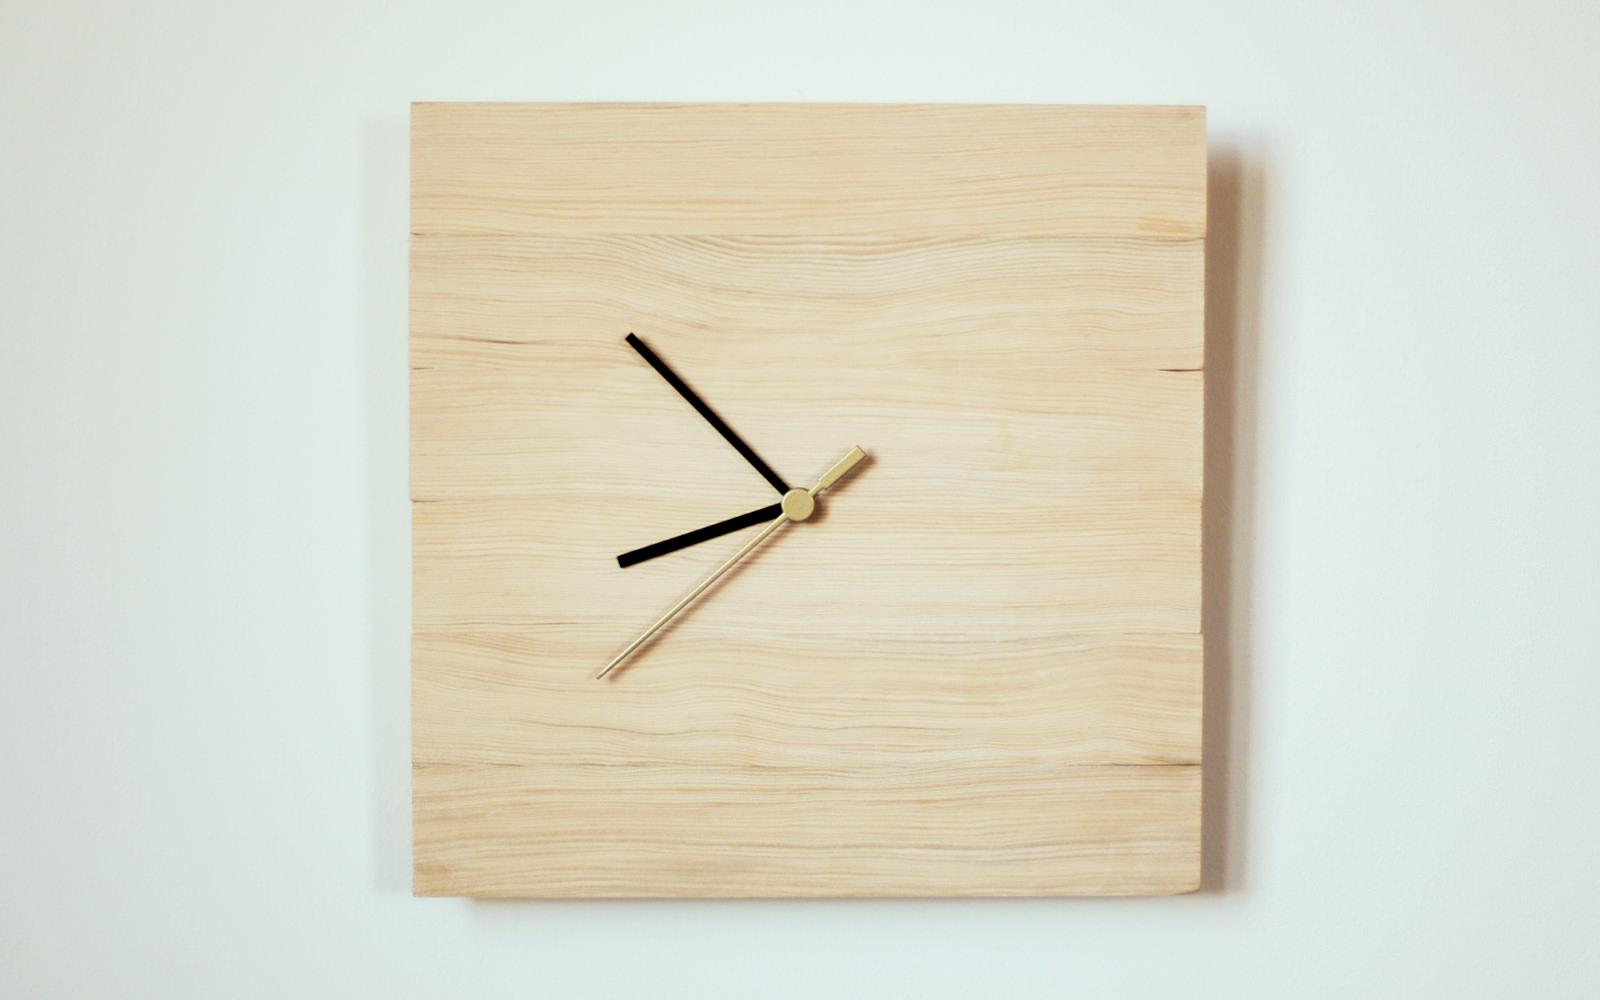 นาฬิกาไม้สุดชิค จากชุดนาฬิกา ikea